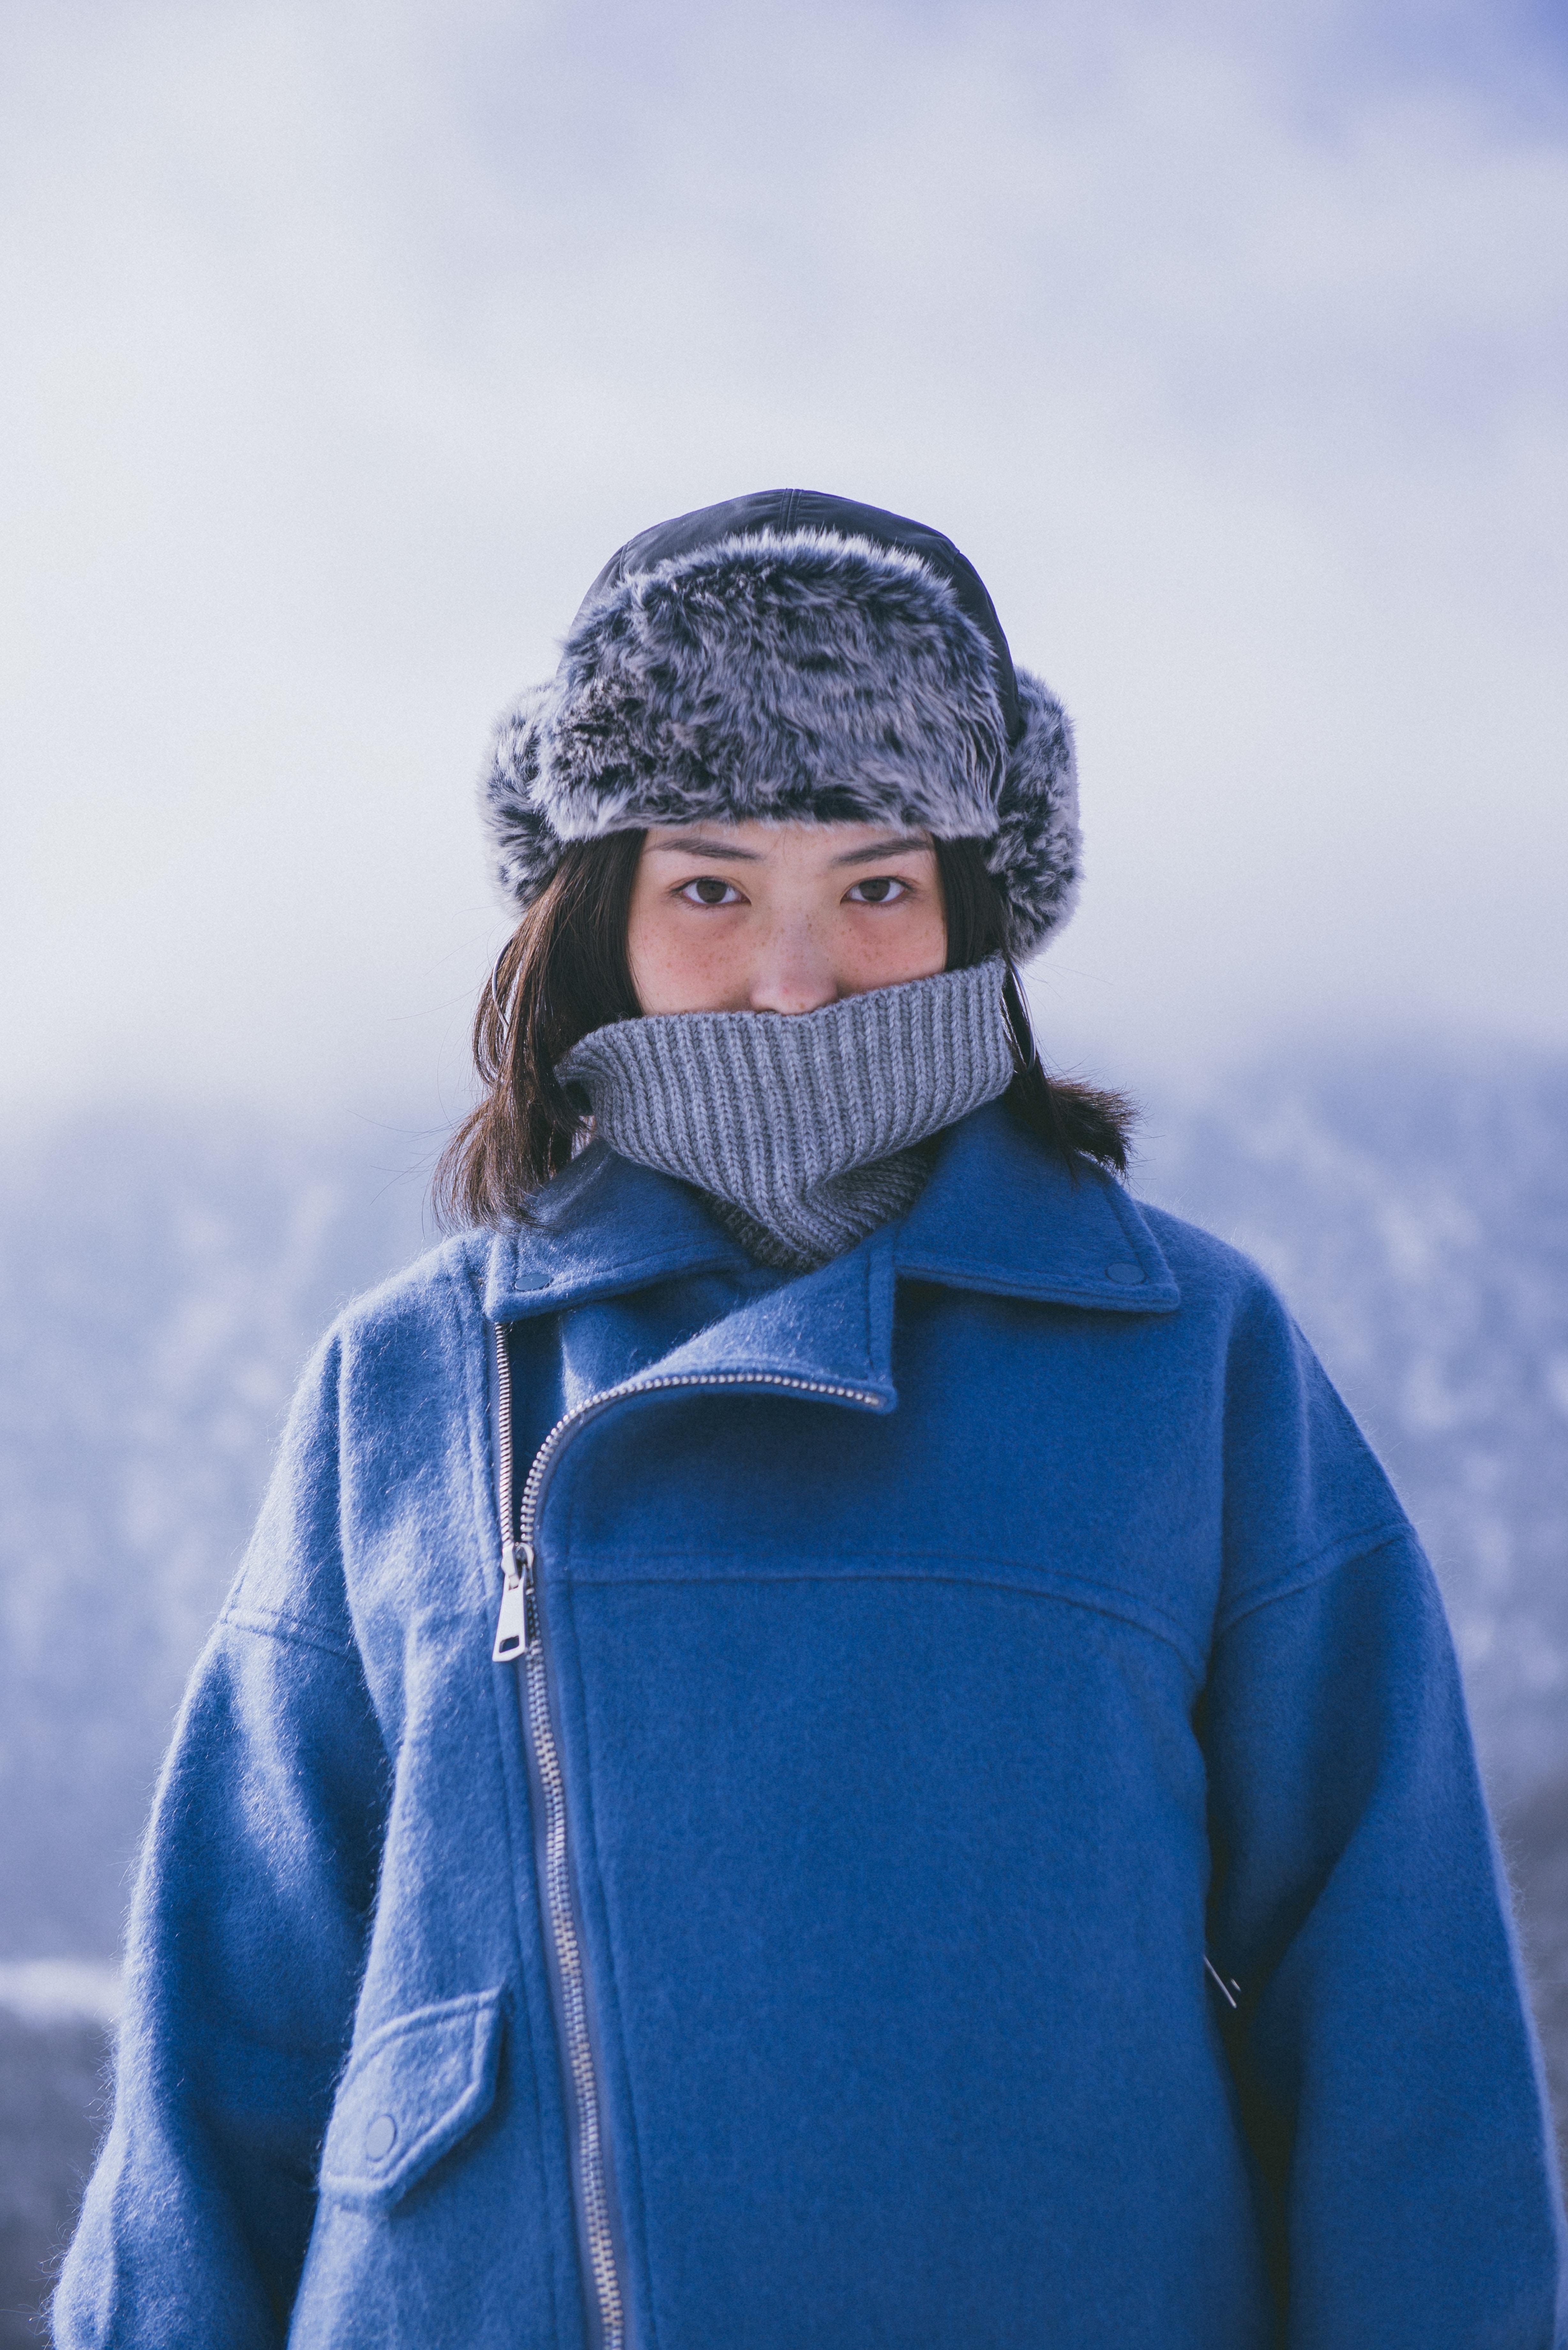 네덜란드에 무슨 겨울옷을 가져가면 좋을까?